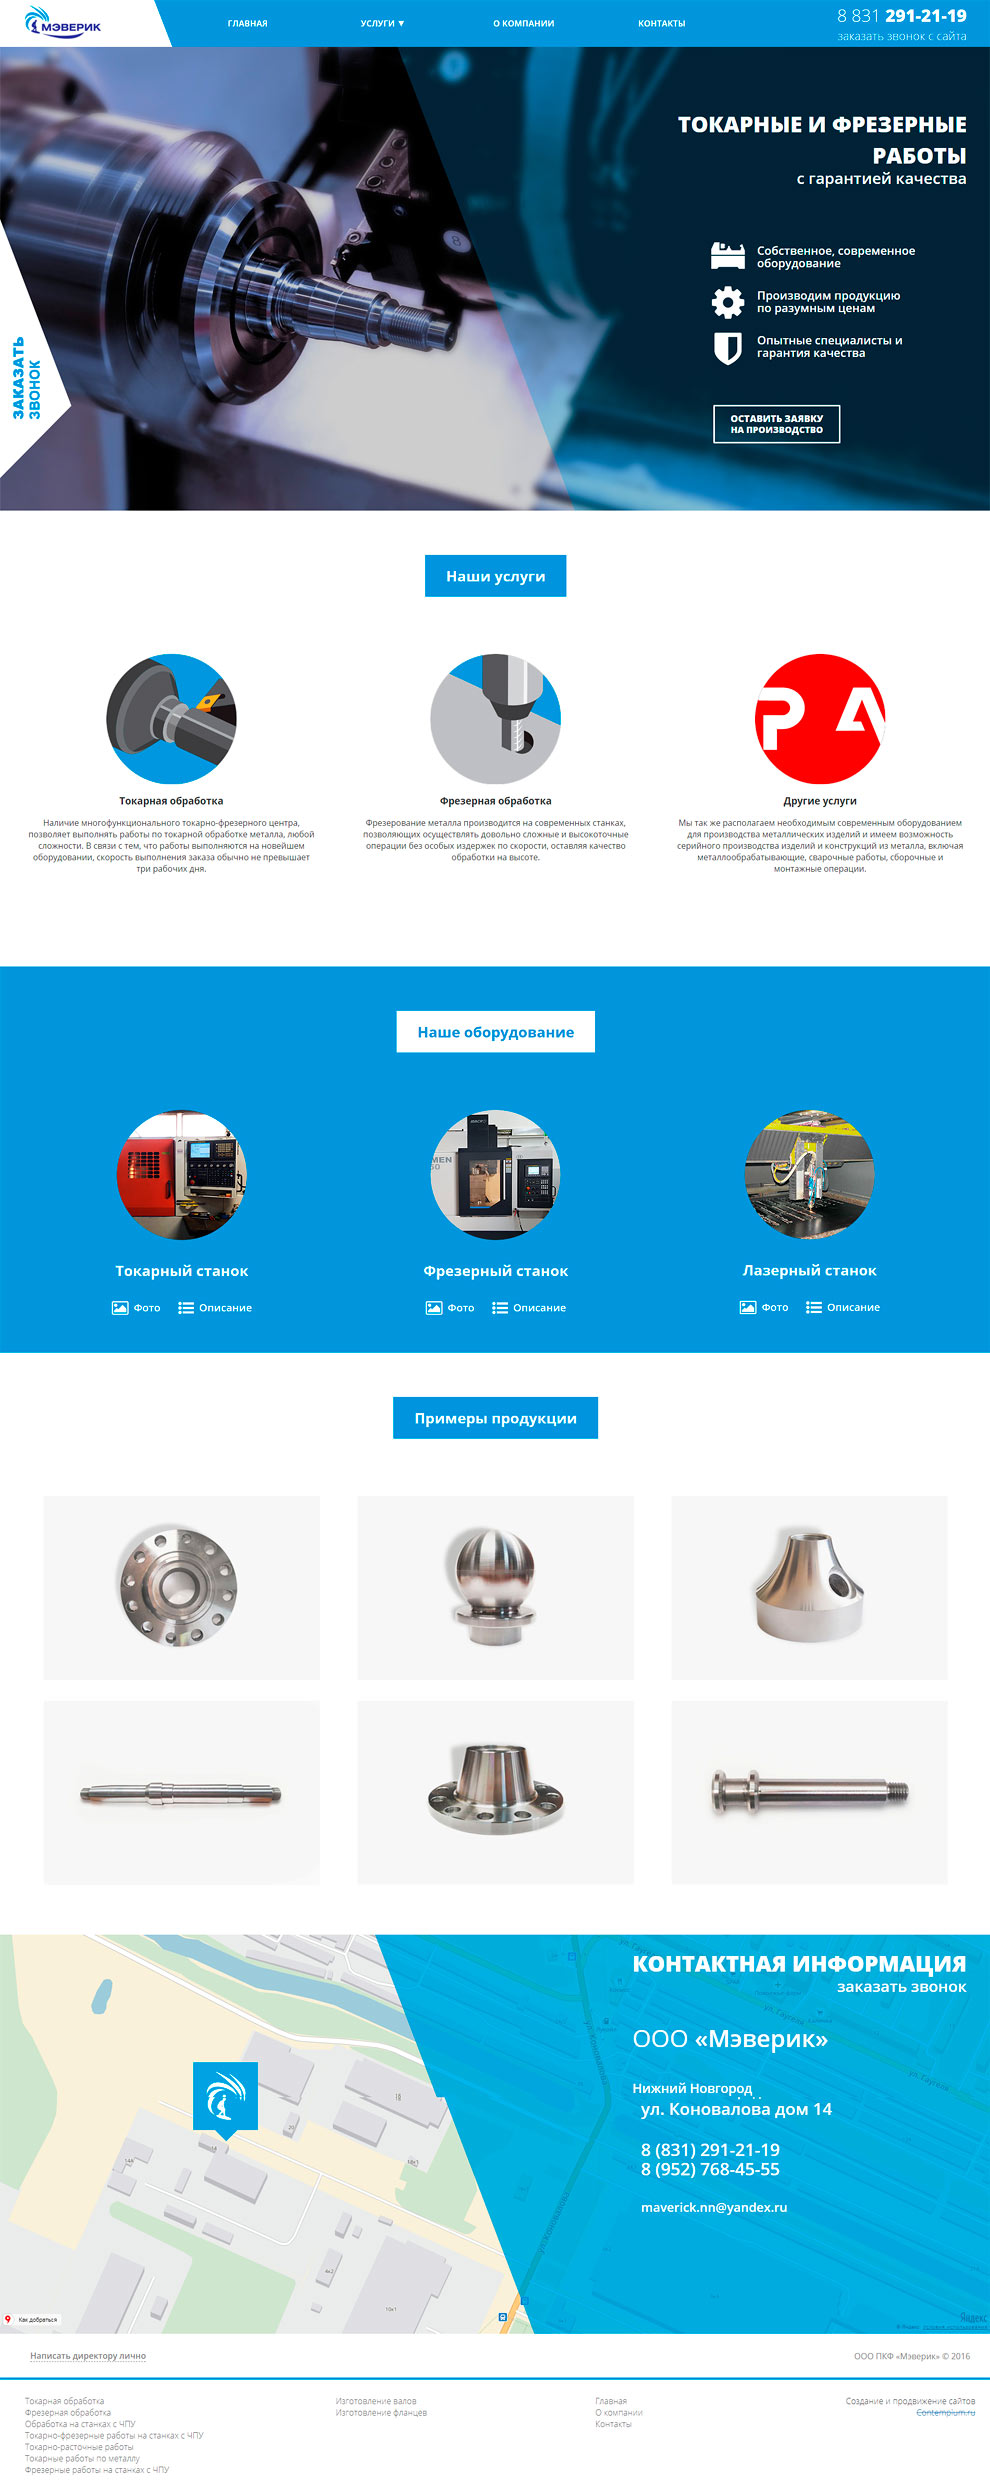 Дизайн сайта по металлообработке